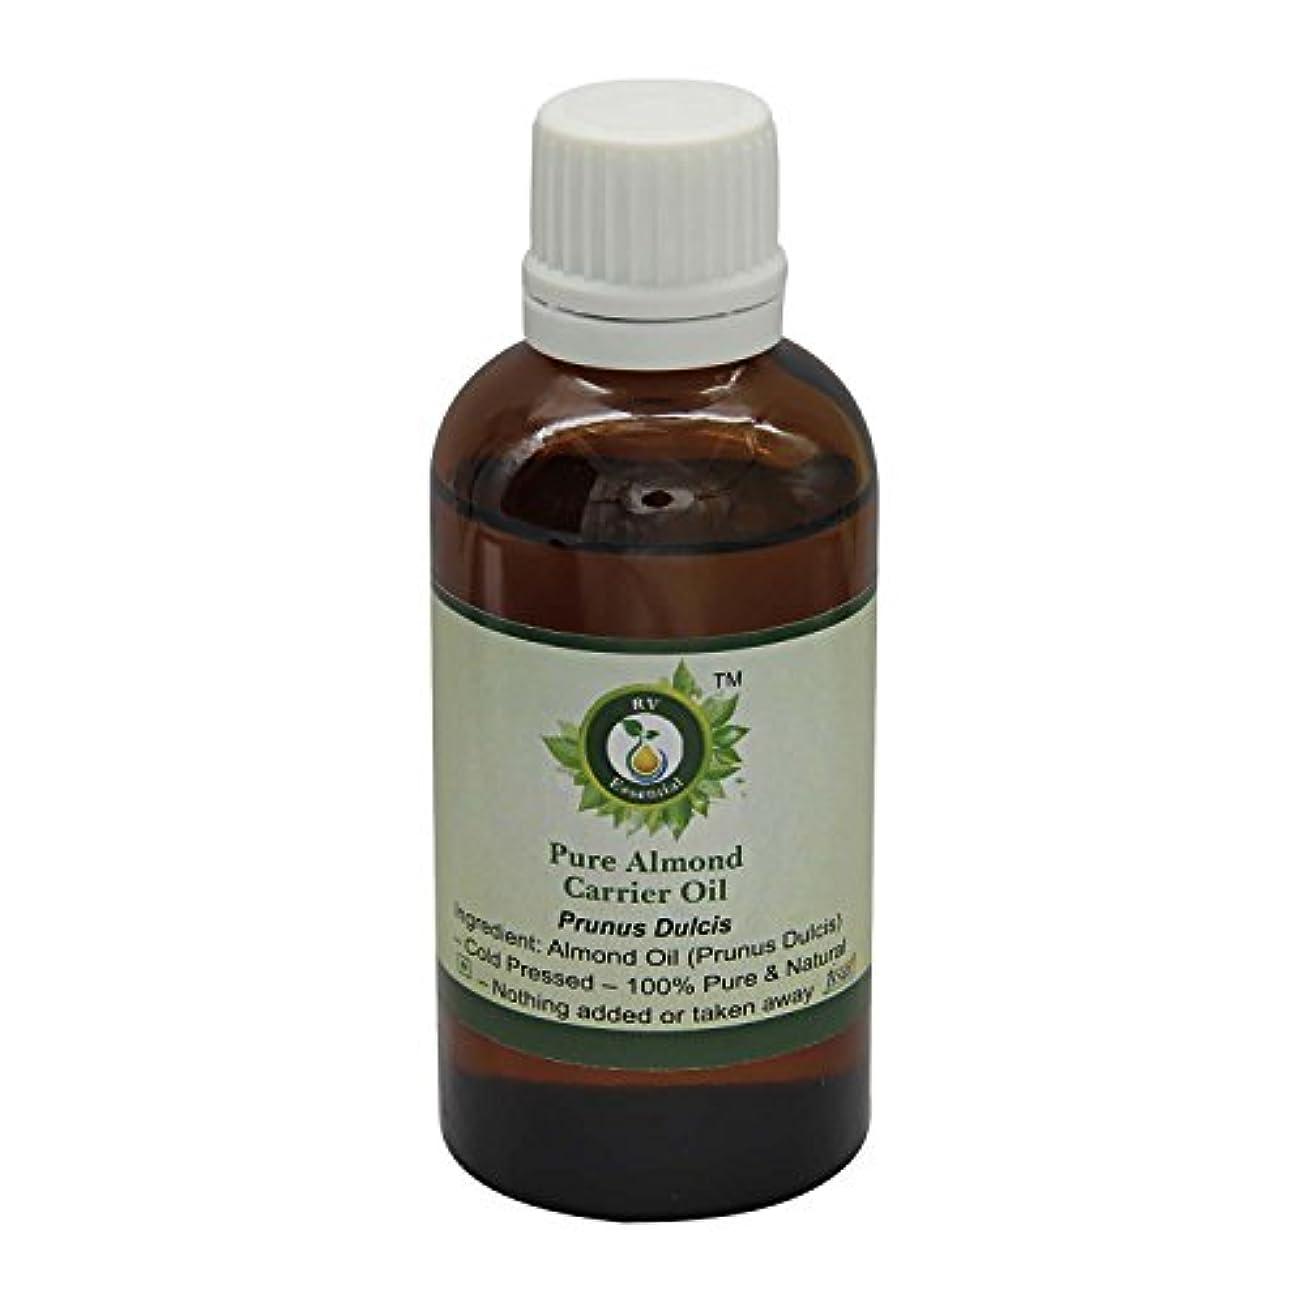 哀れなカスケードむちゃくちゃR V Essential 純粋なアーモンドキャリアオイル50ml (1.69oz)- Prunus Dulcis (100%ピュア&ナチュラルコールドPressed) Pure Almond Carrier Oil